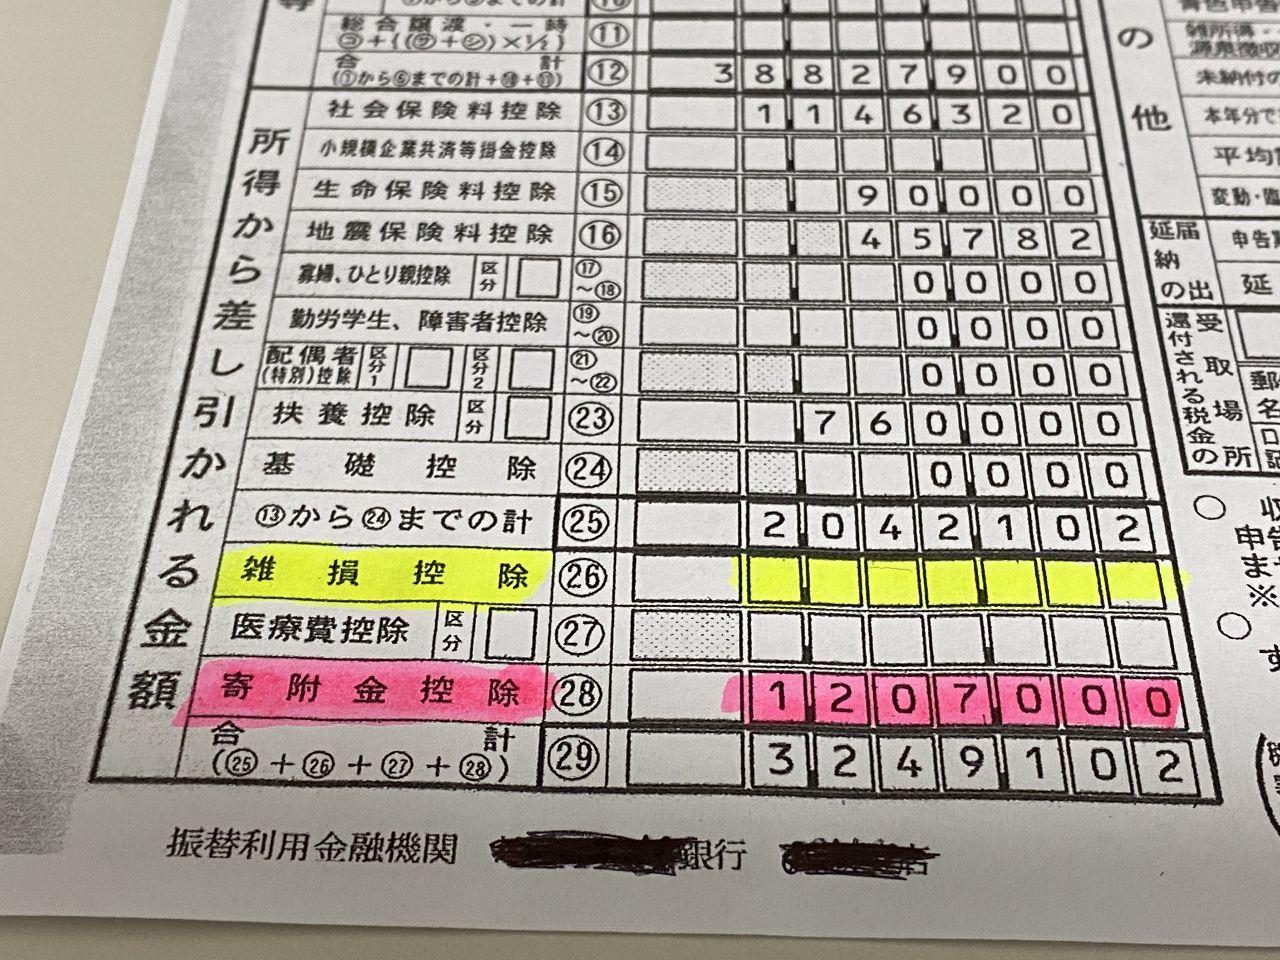 usdjpy - アメリカ ドル / 日本 円 一応自分は雑損控除なしで今年 確定申告しました。